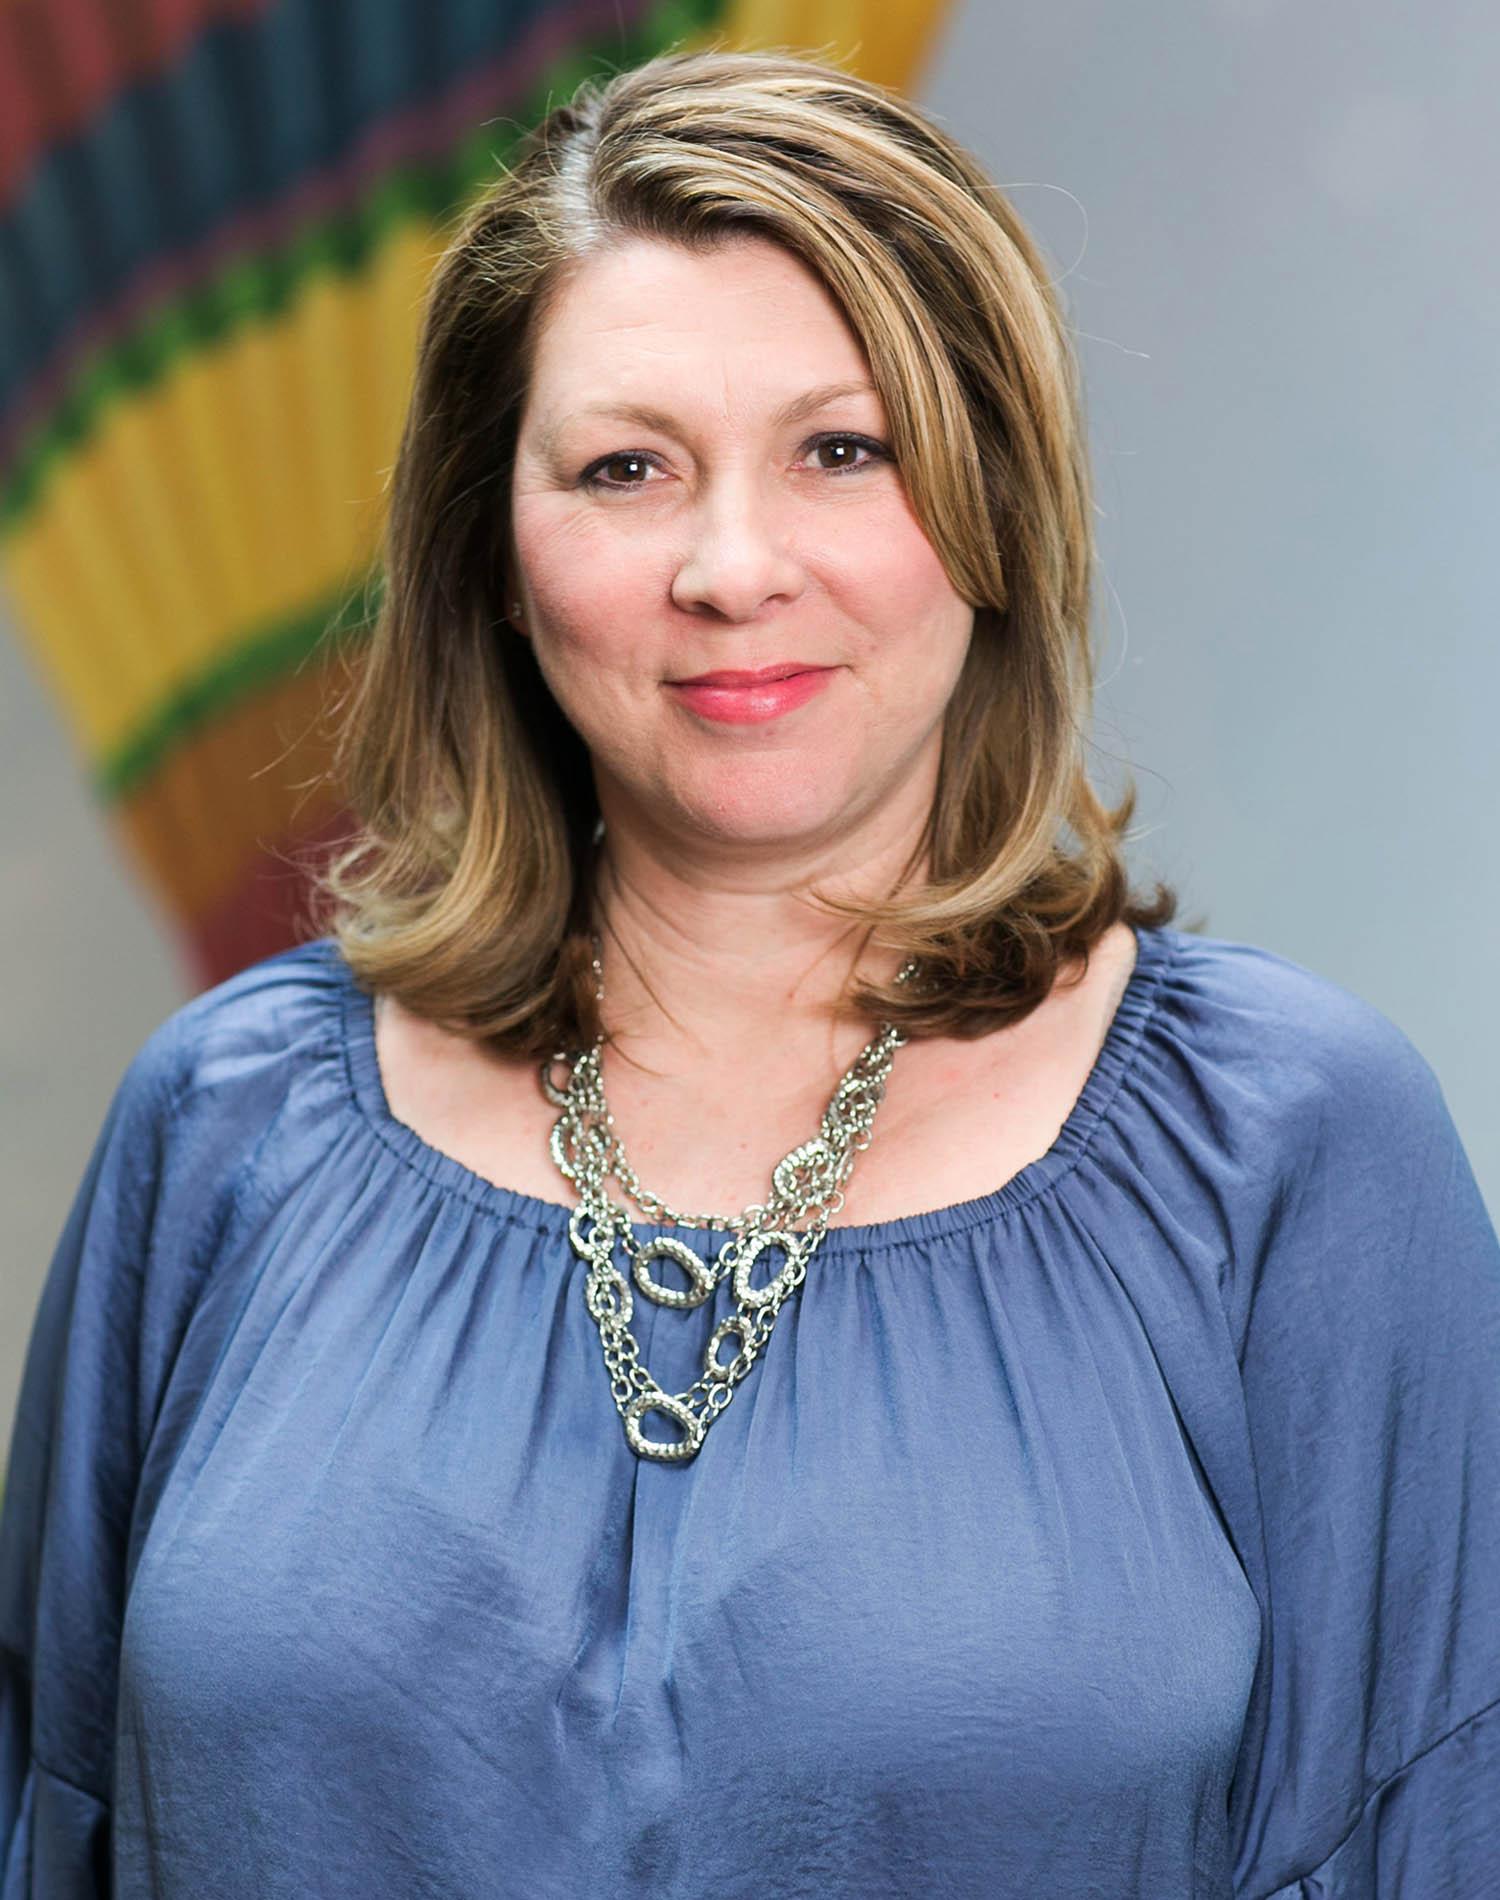 Stephanie Jordan